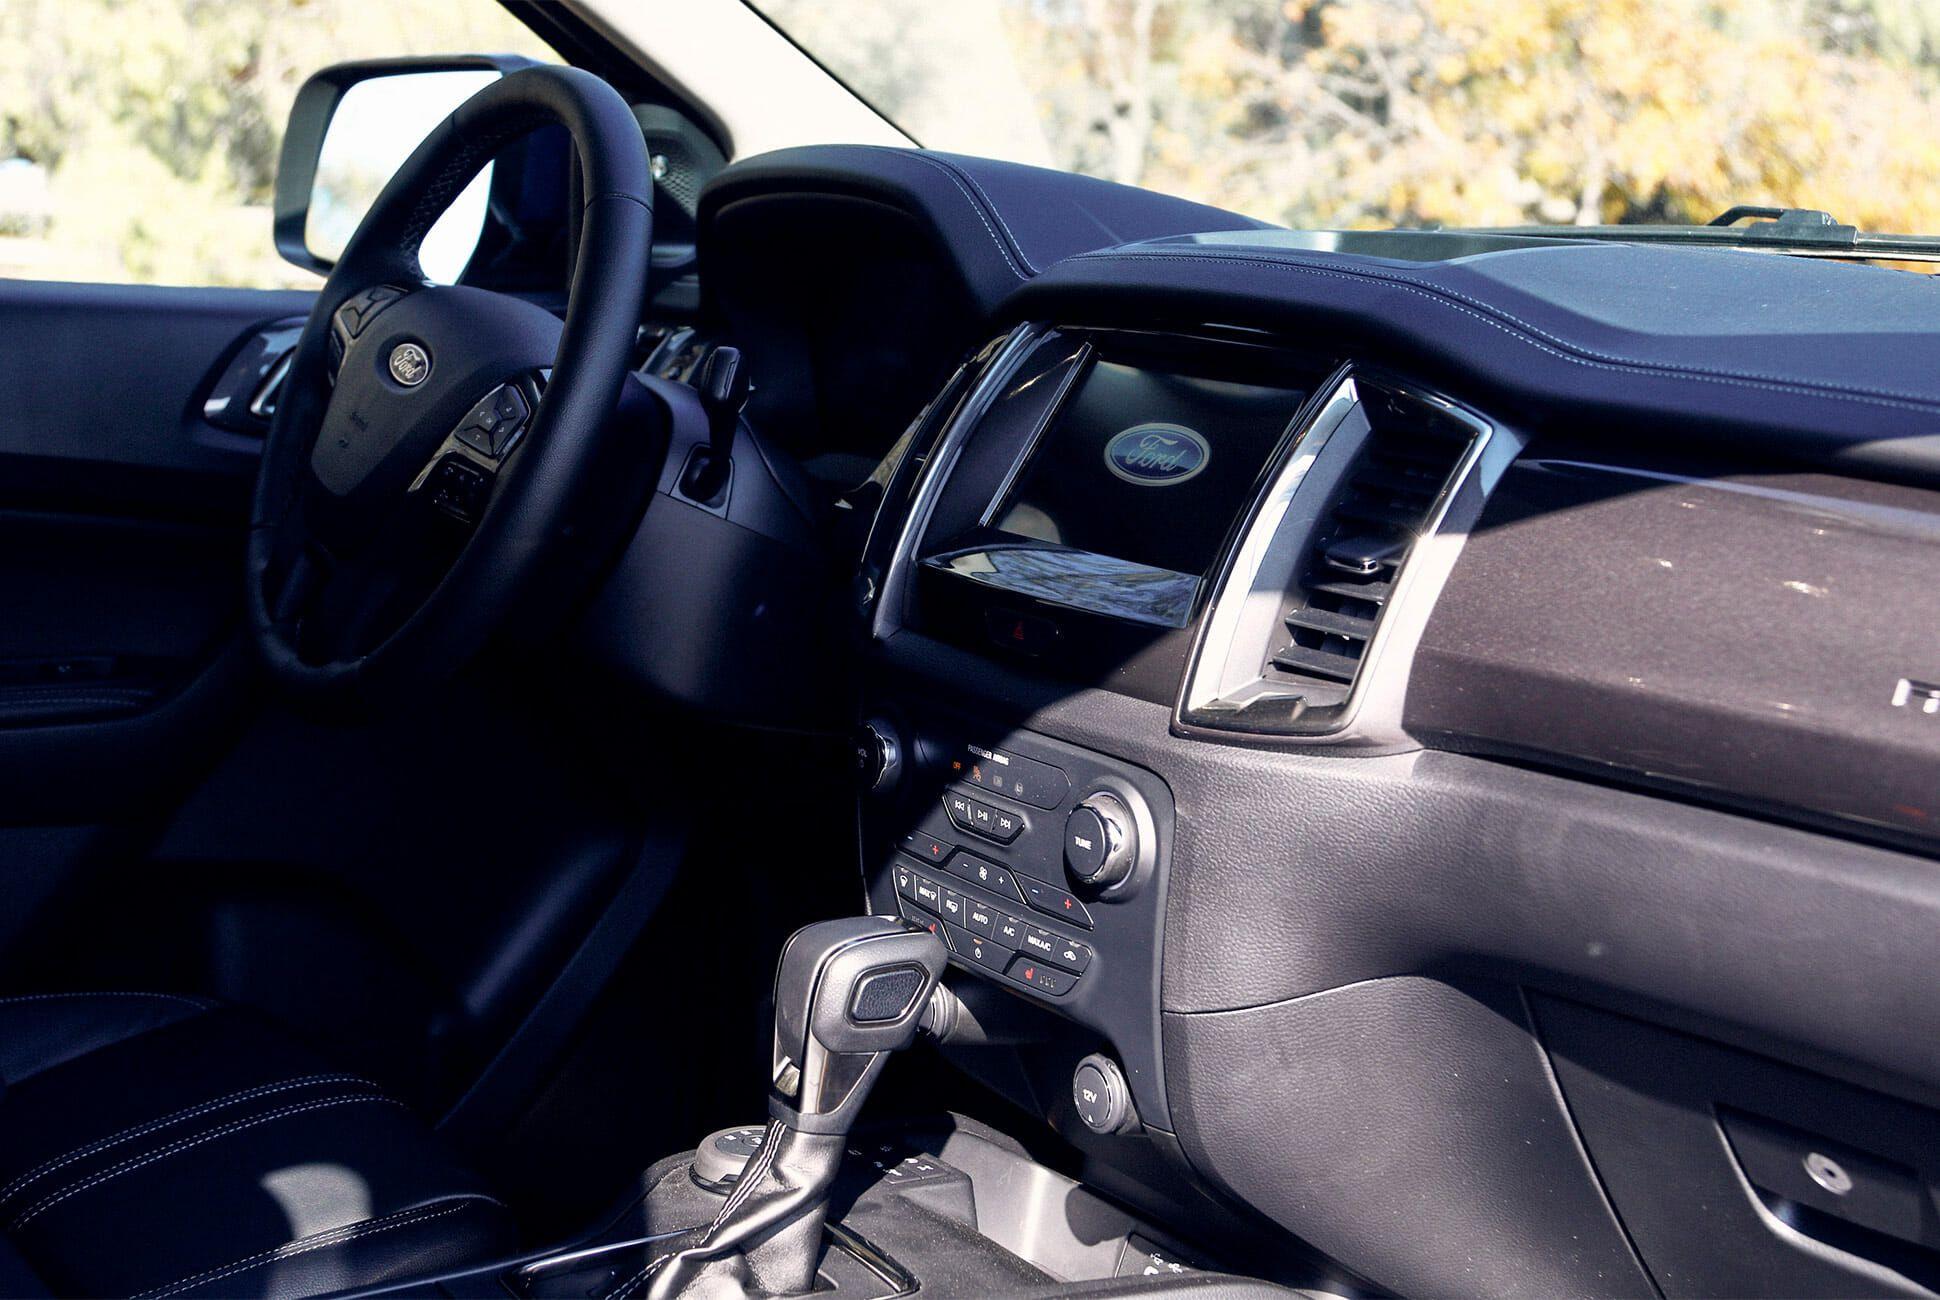 Ford-Ranger-Review-Gear-Patrol-slide-6